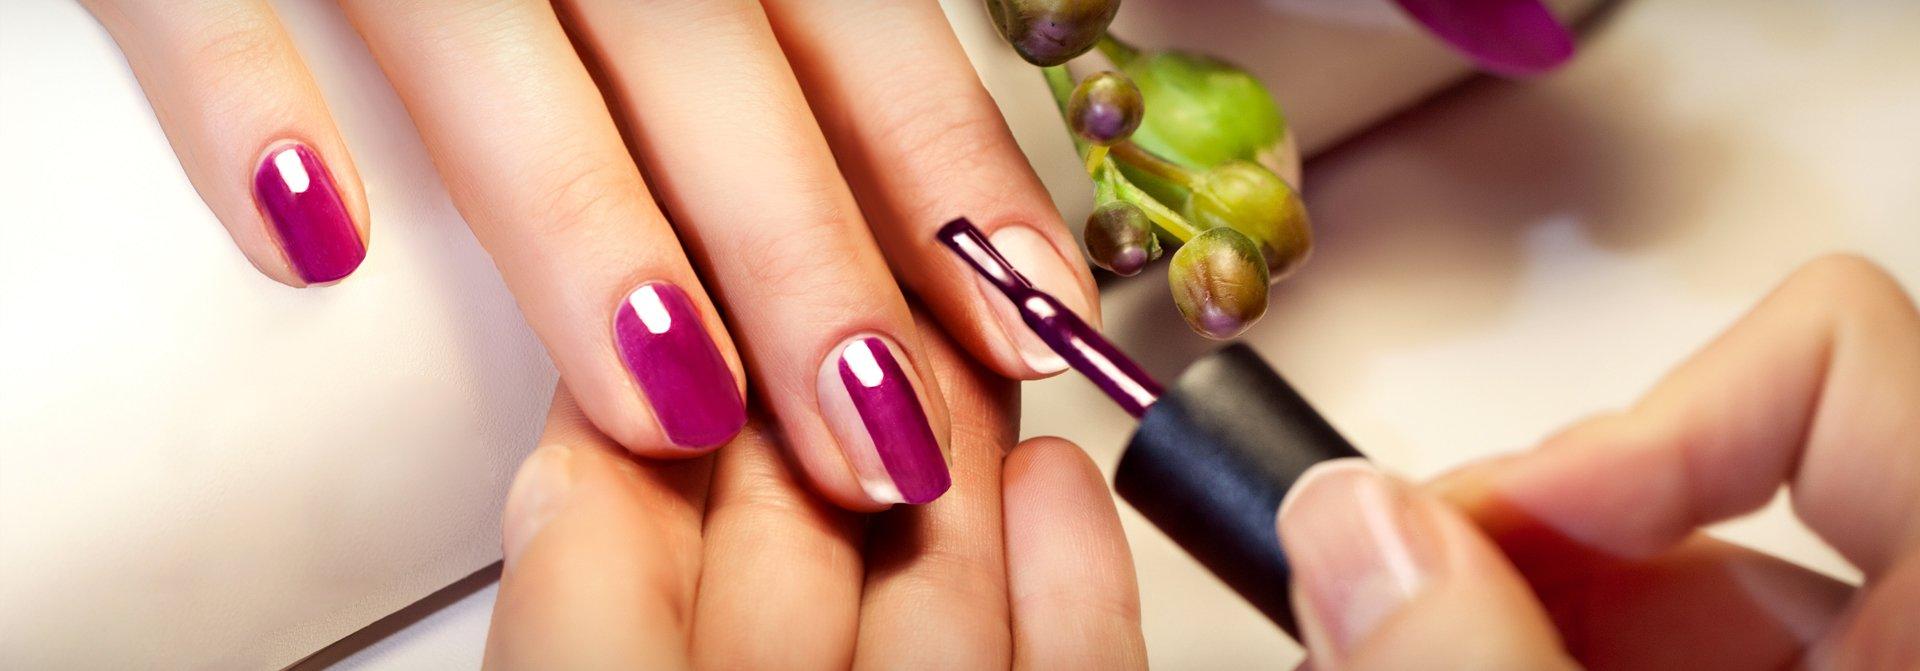 OPI manicures